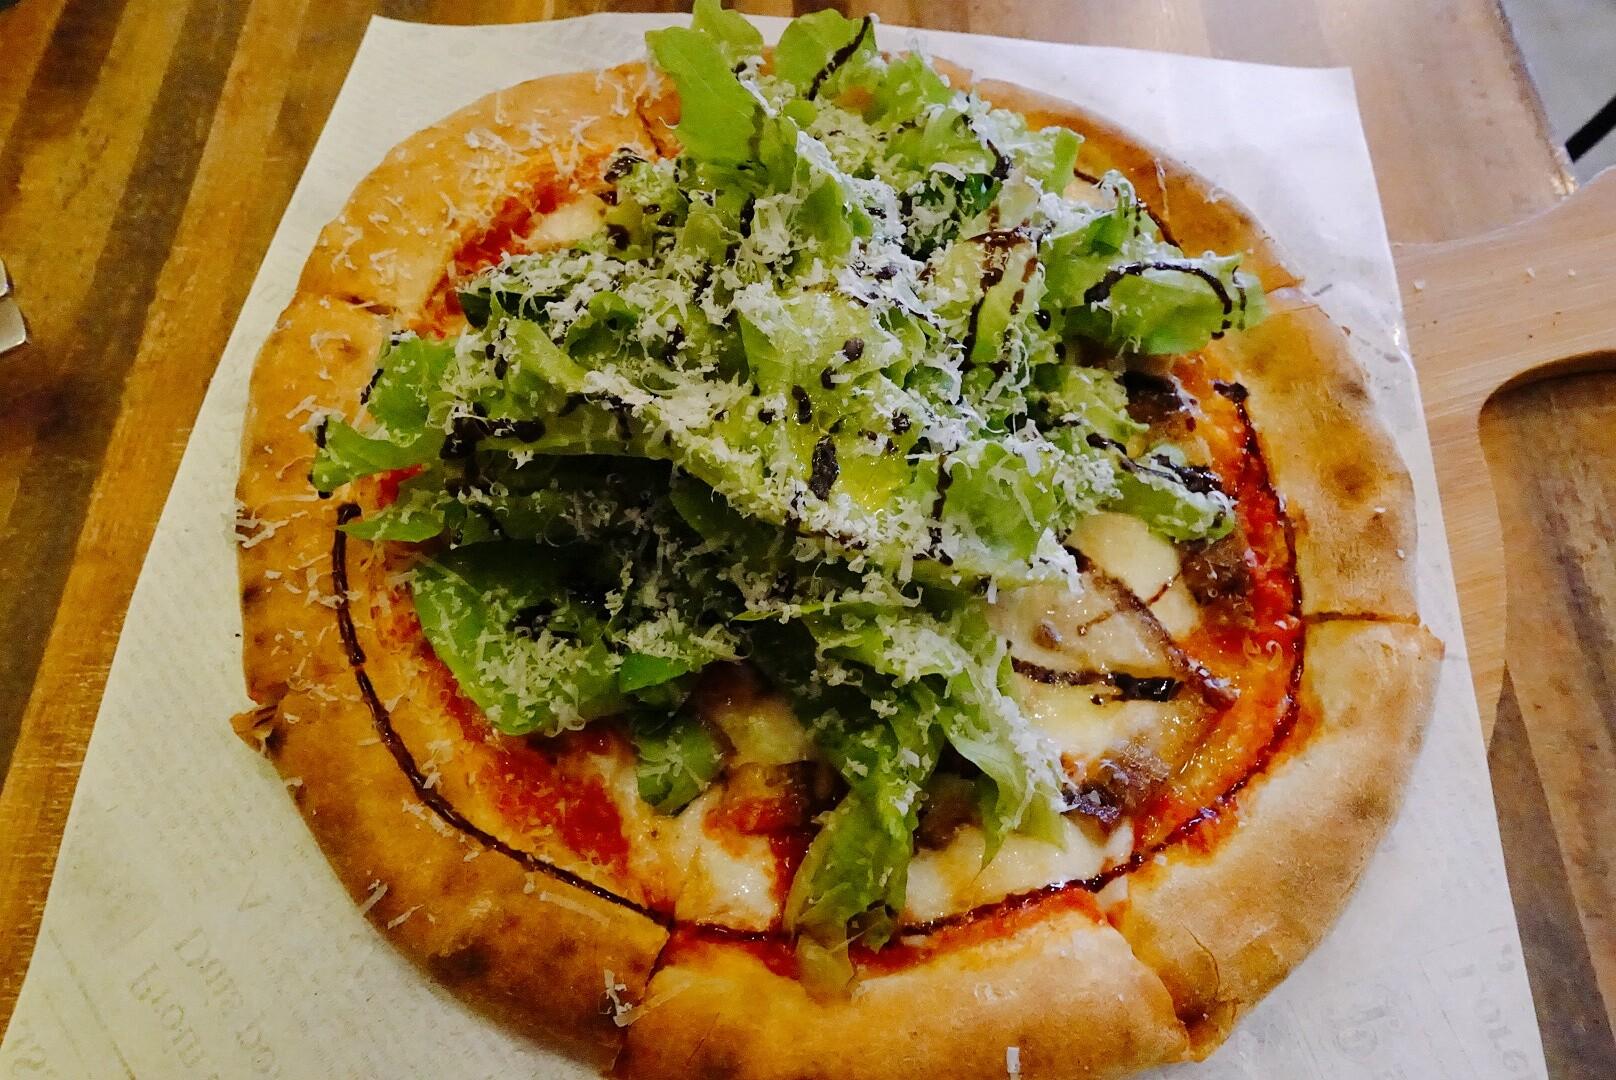 【花蓮市區】秀綠|披薩、佛卡夏|美味的薄皮披薩,還有可口的烤蔬菜